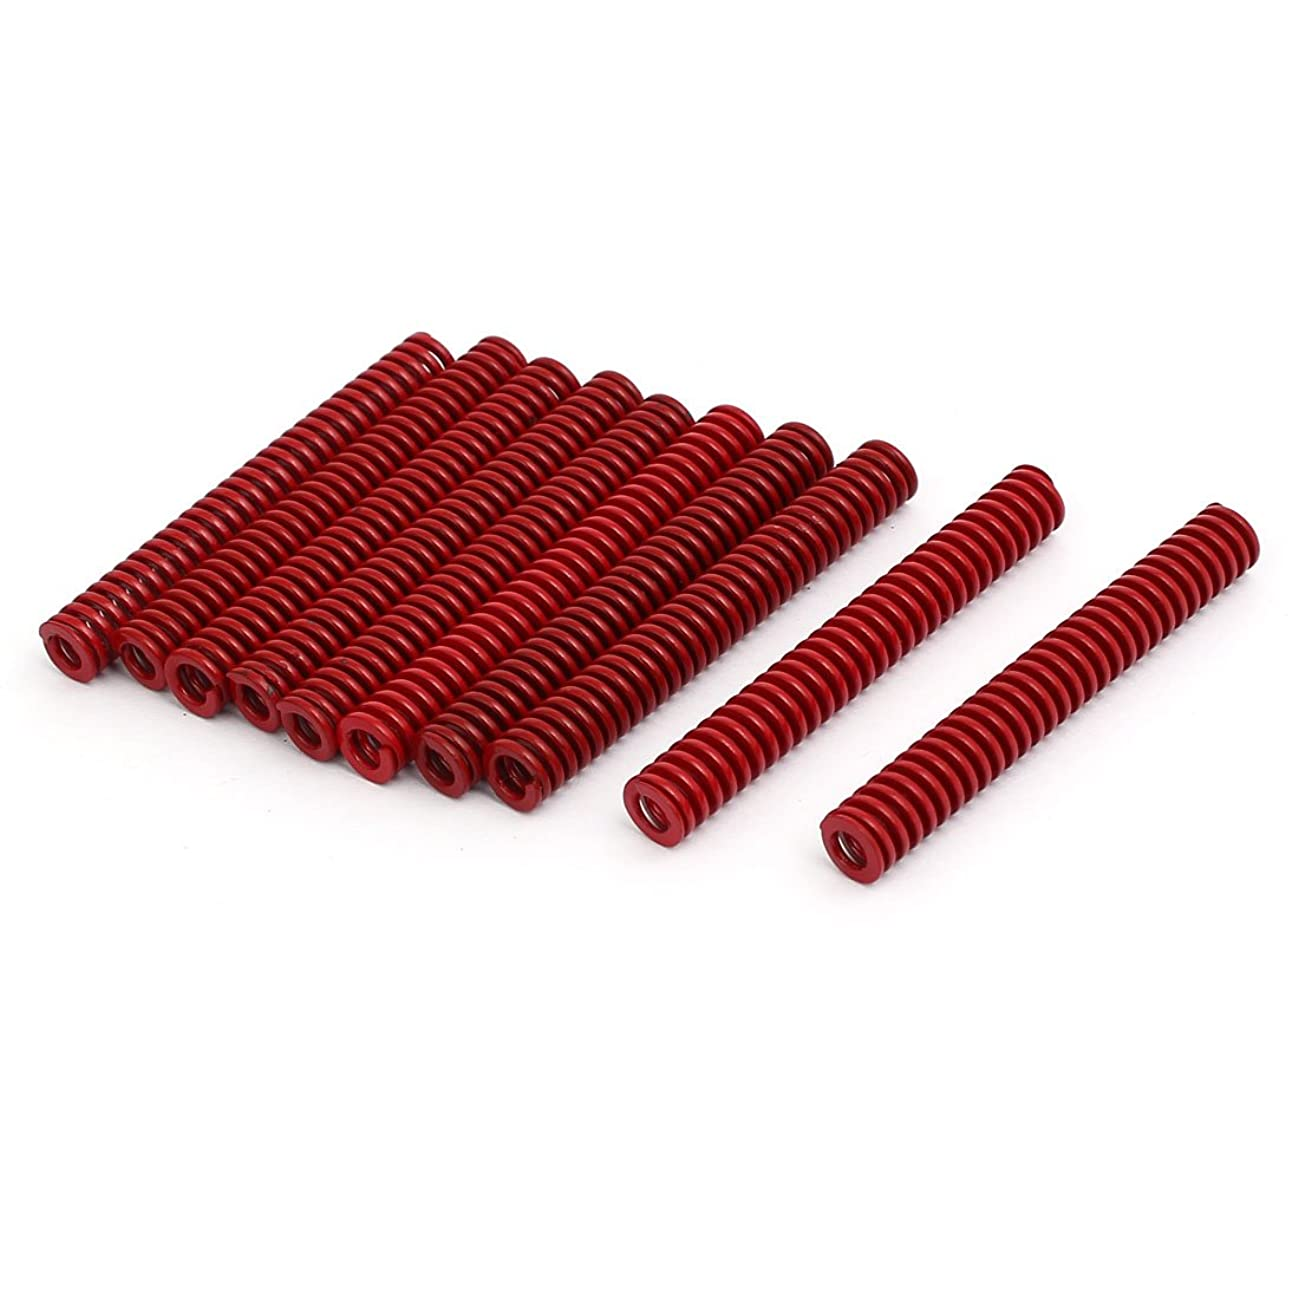 砂端末安全uxcell 圧縮金型ダイスプリング 工業用スプリング 中負荷 4mm x 8mm x 60mm レッド 10本入